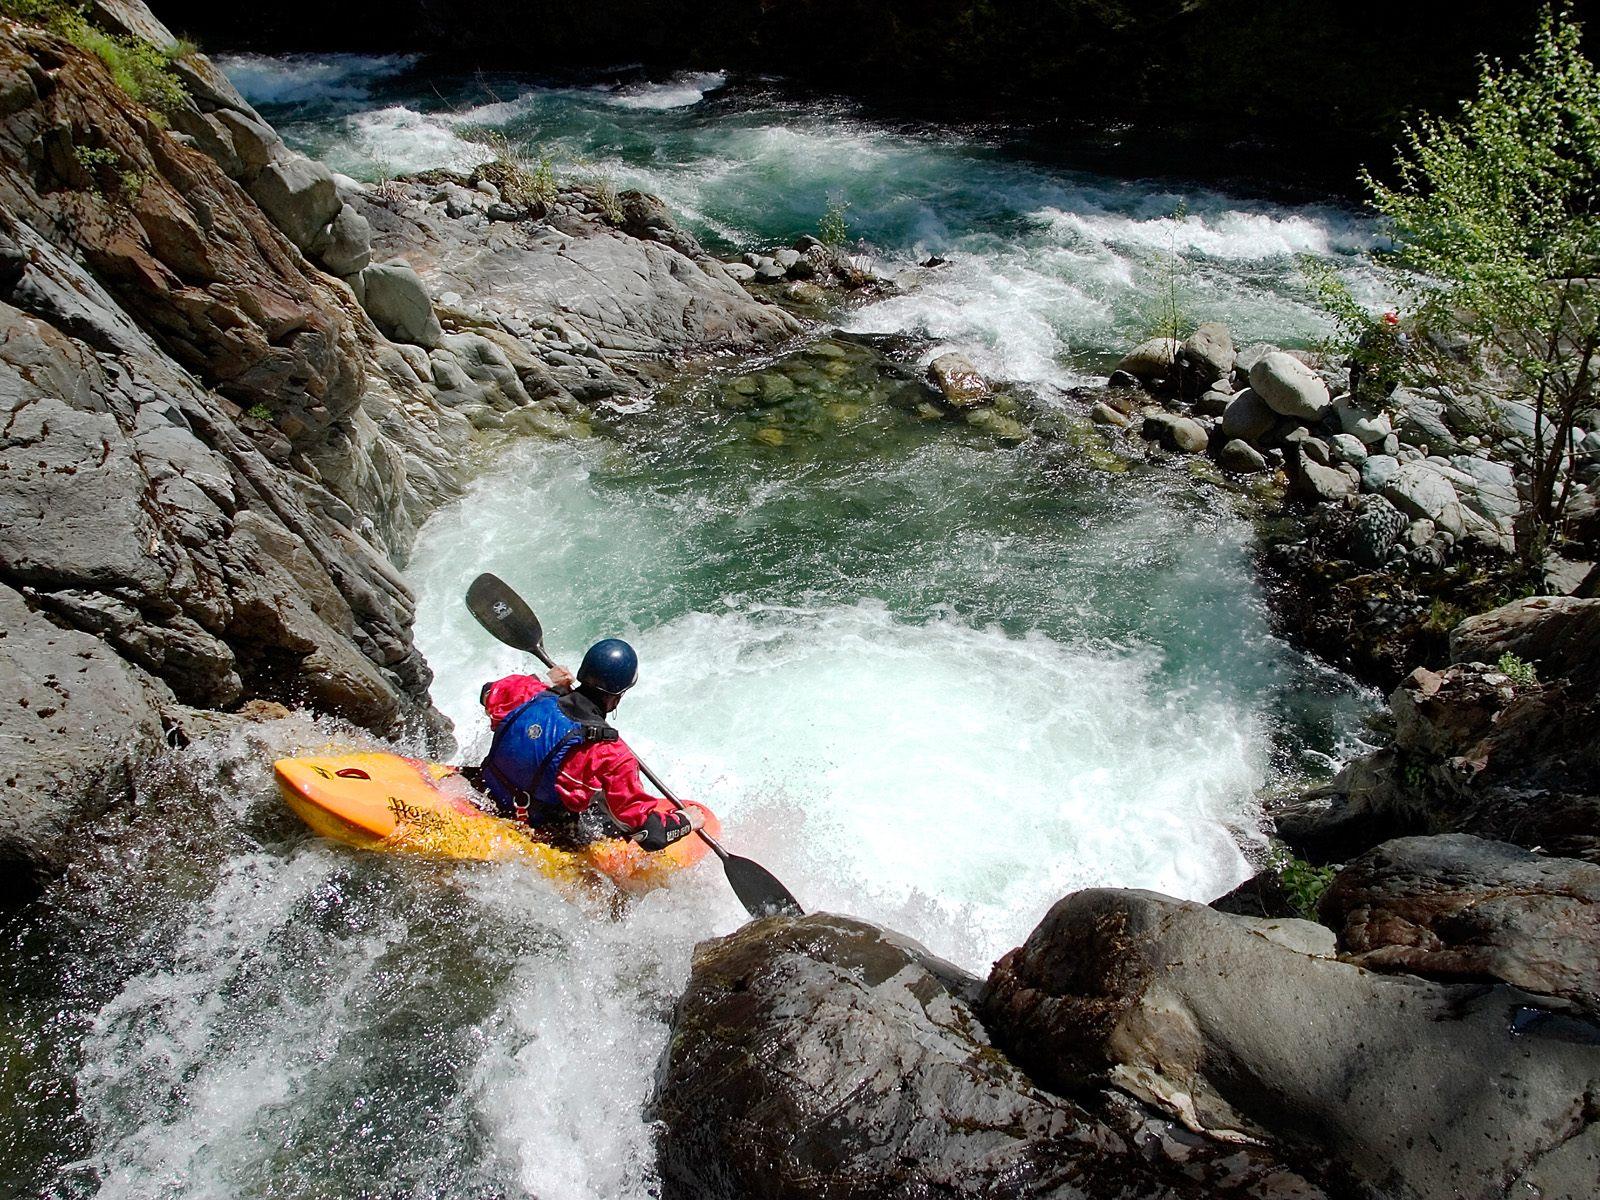 raft wallpaper 1600x1200